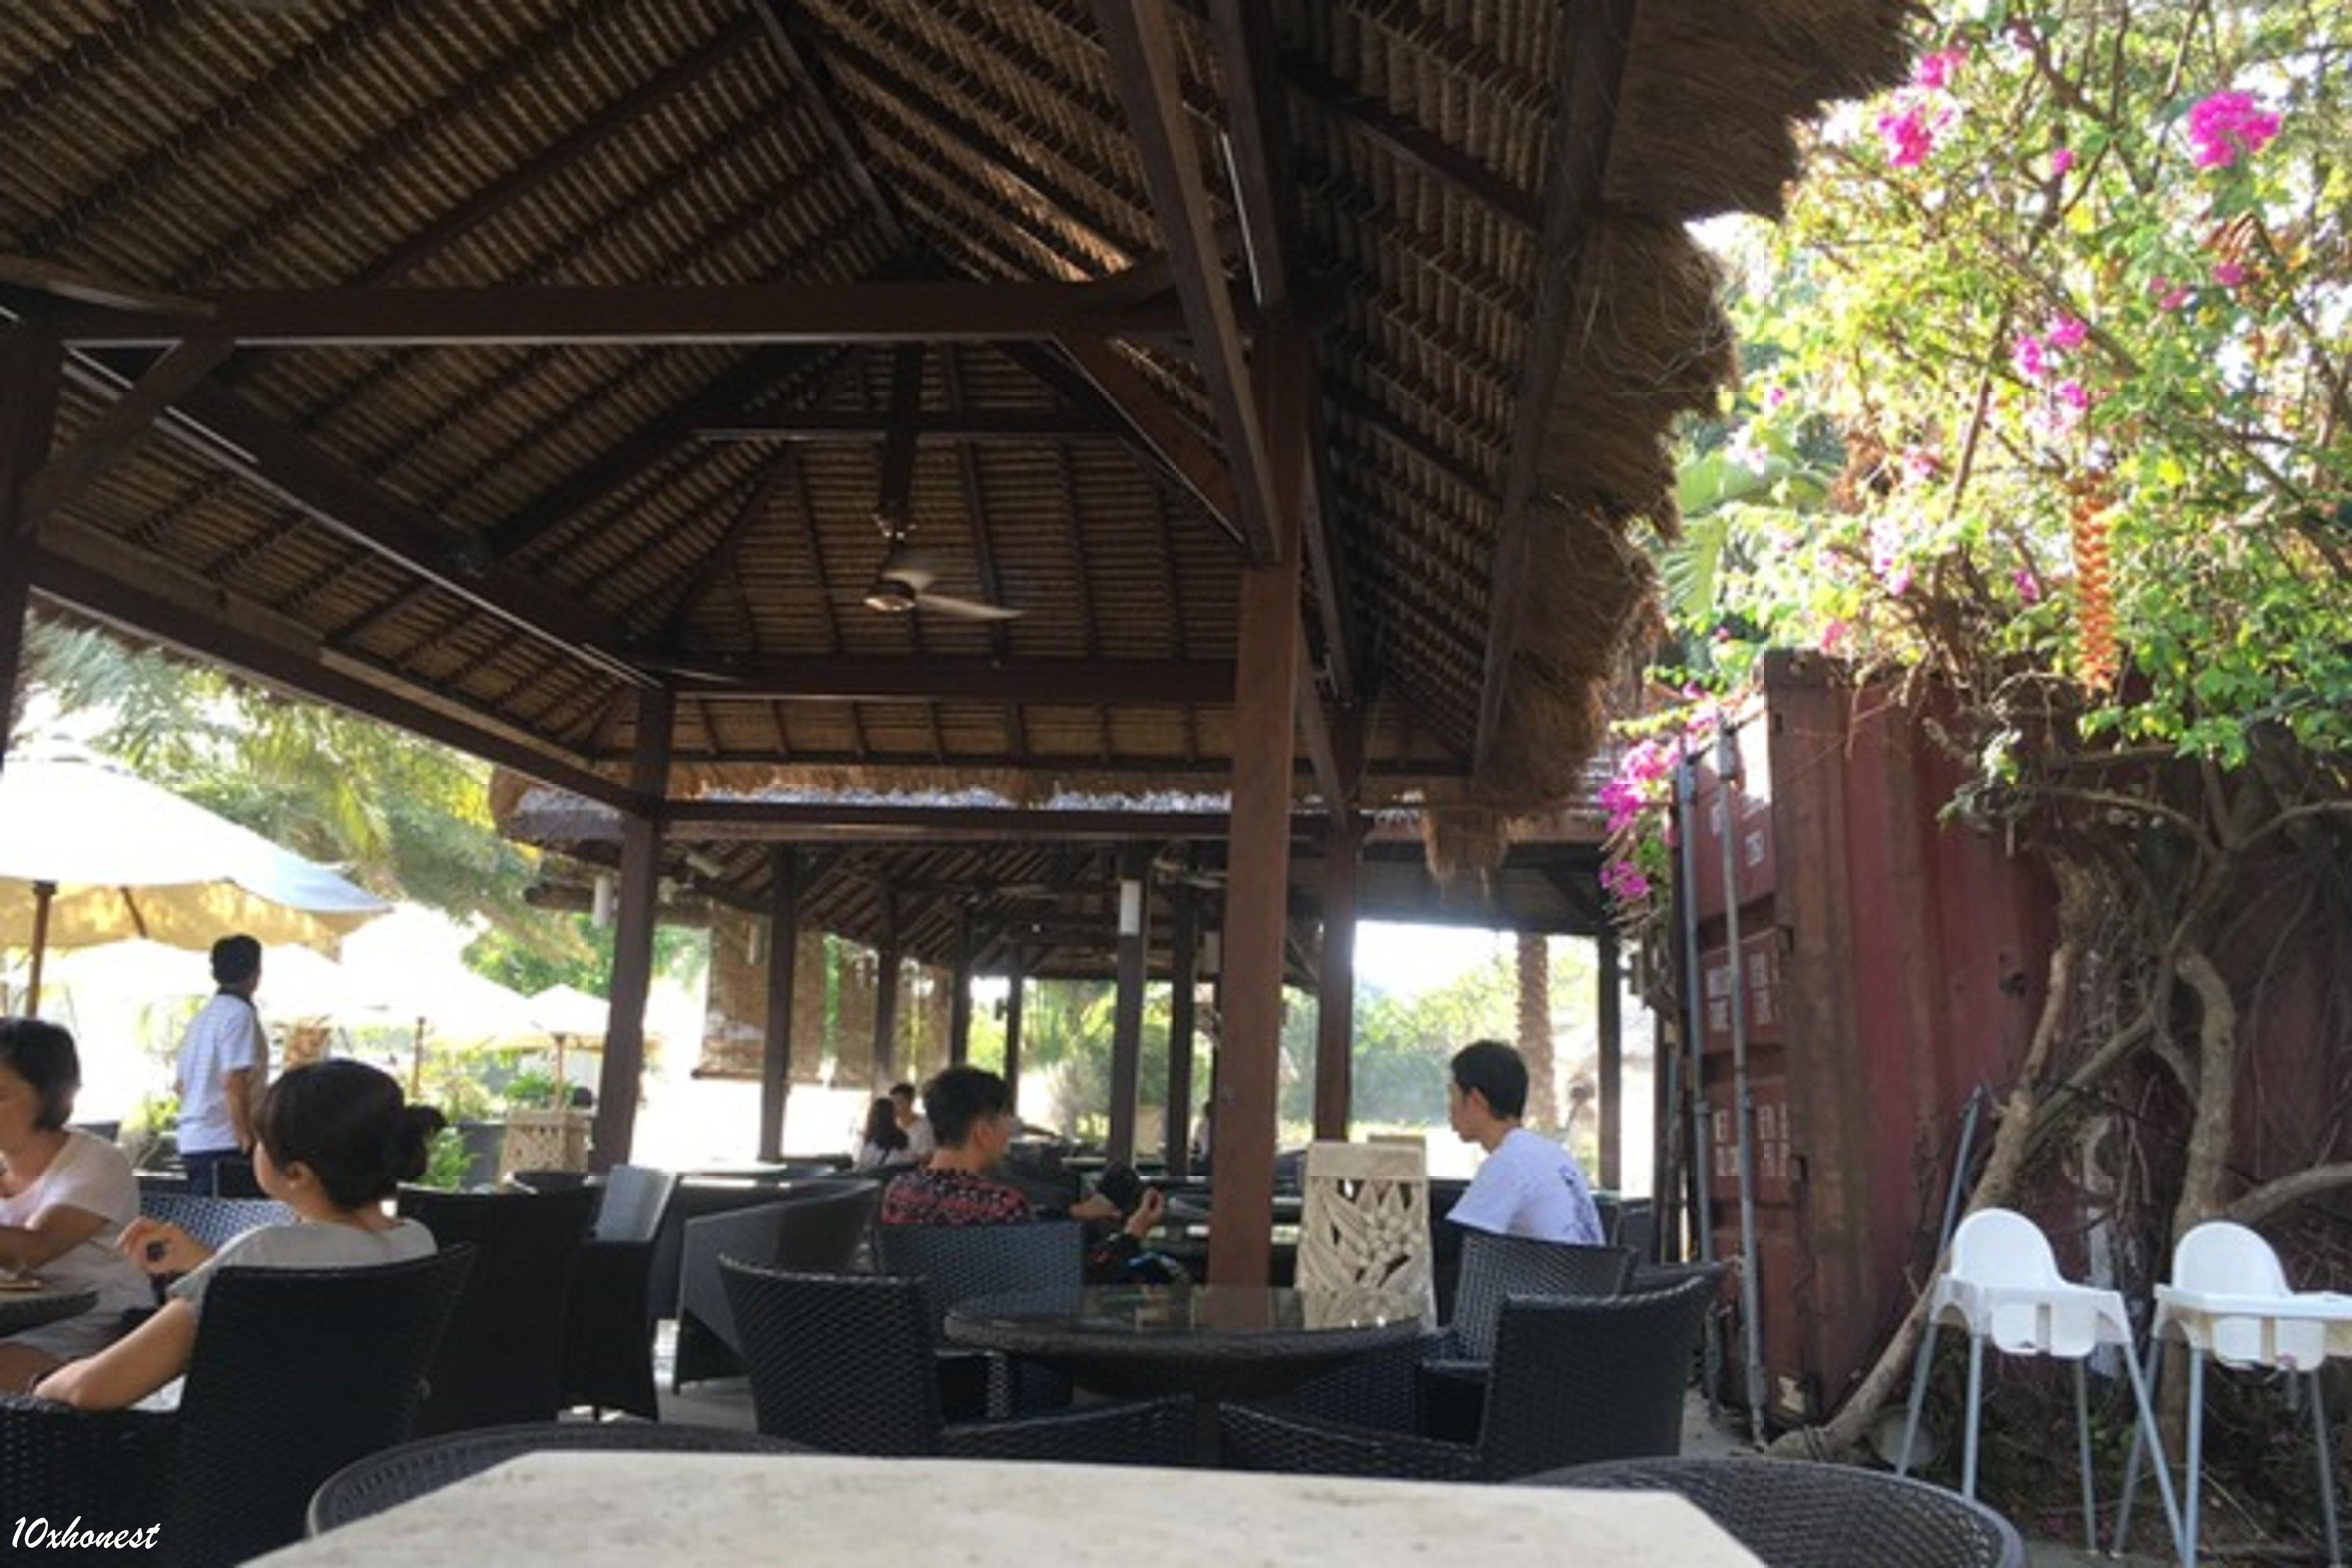 莫內咖啡室外座位區